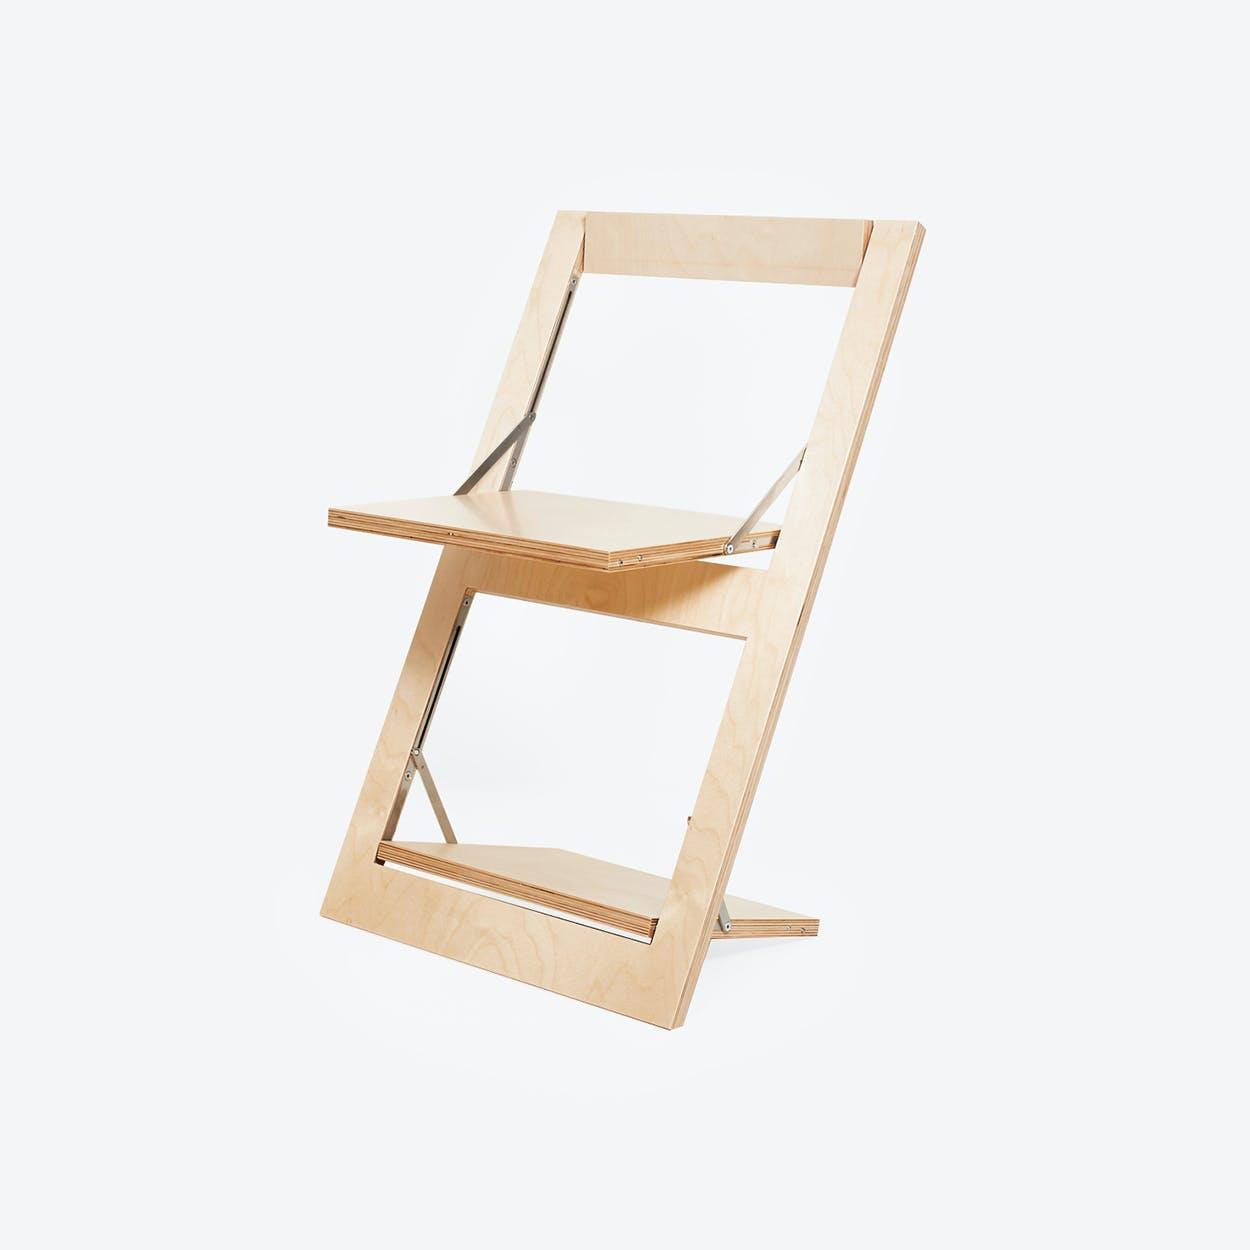 Fläpps Folding Chair - Birch clear